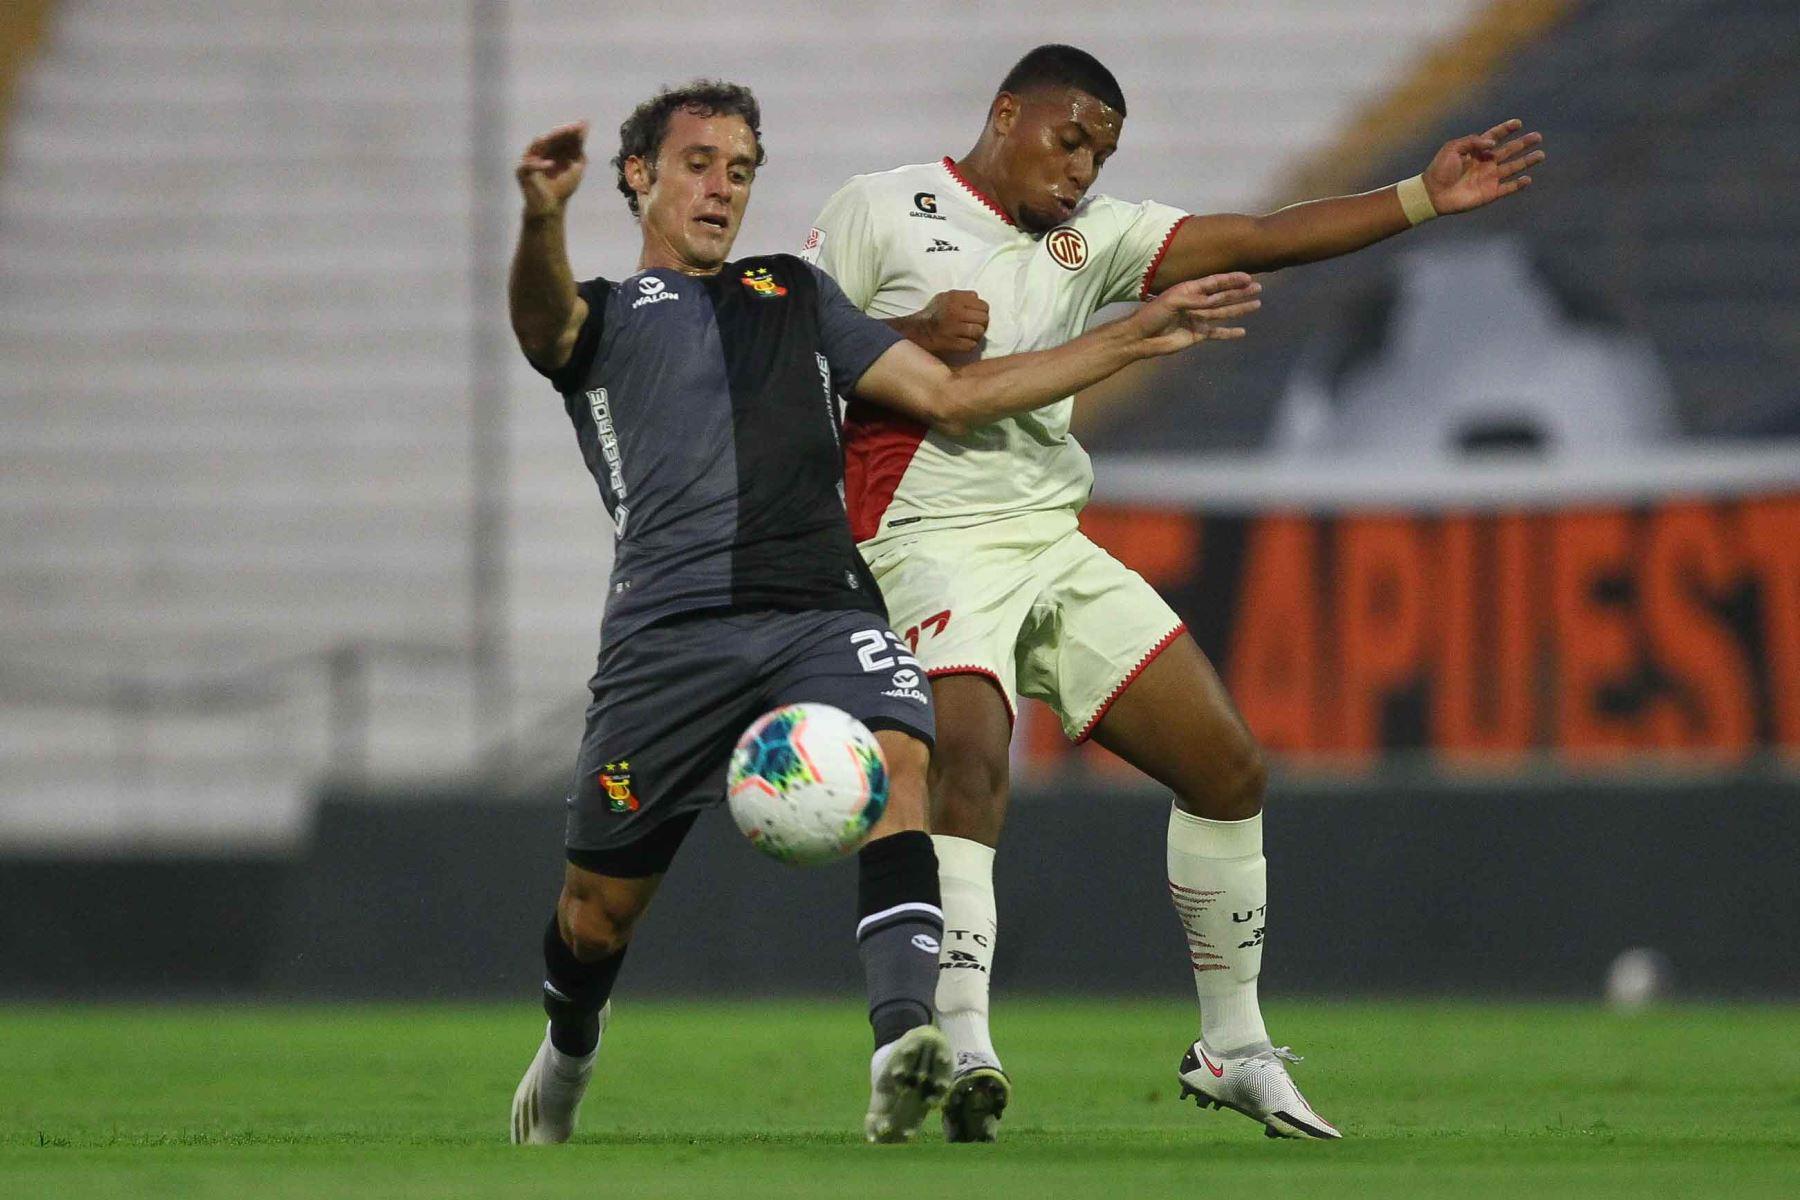 A los 39 minutos UTC Gerardo Gordillo aprovecha un tiro de esquina y marcó de cabeza el primer gol del encuentro, a favor de los cajamarquinos. Foto: Liga 1